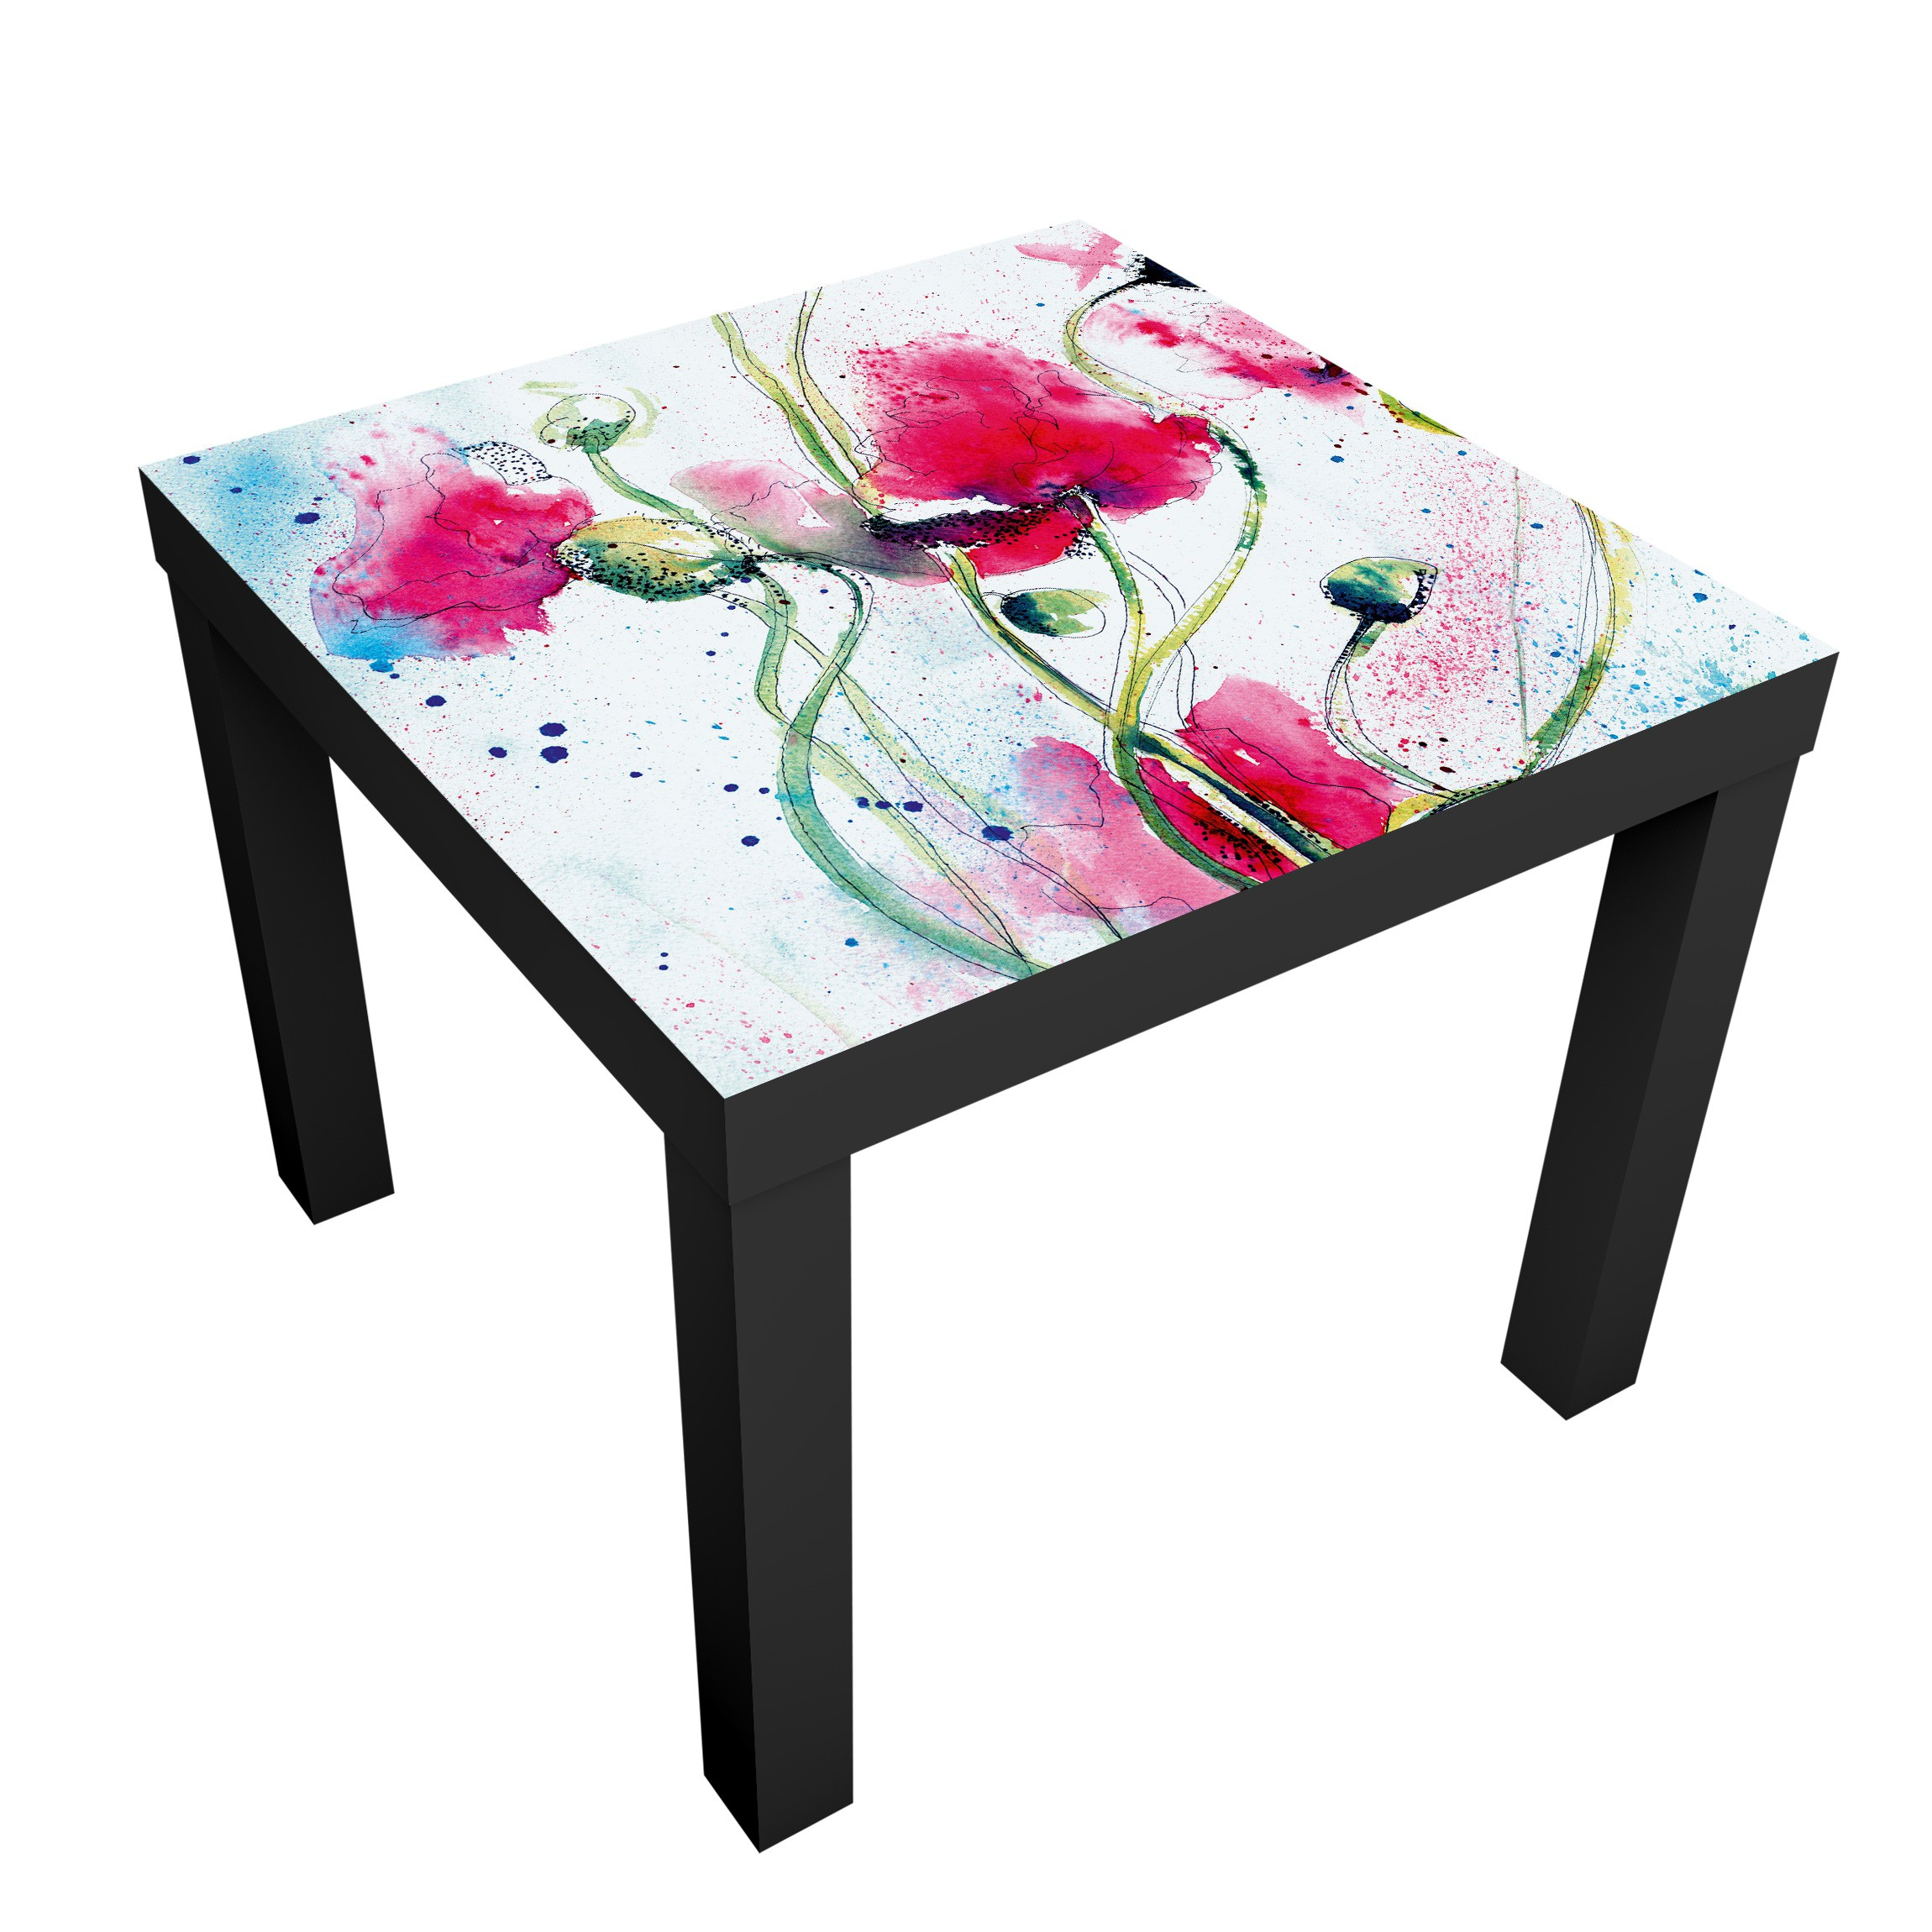 Carta adesiva per mobili ikea lack tavolino painted poppies - Carta adesiva per mobili ...